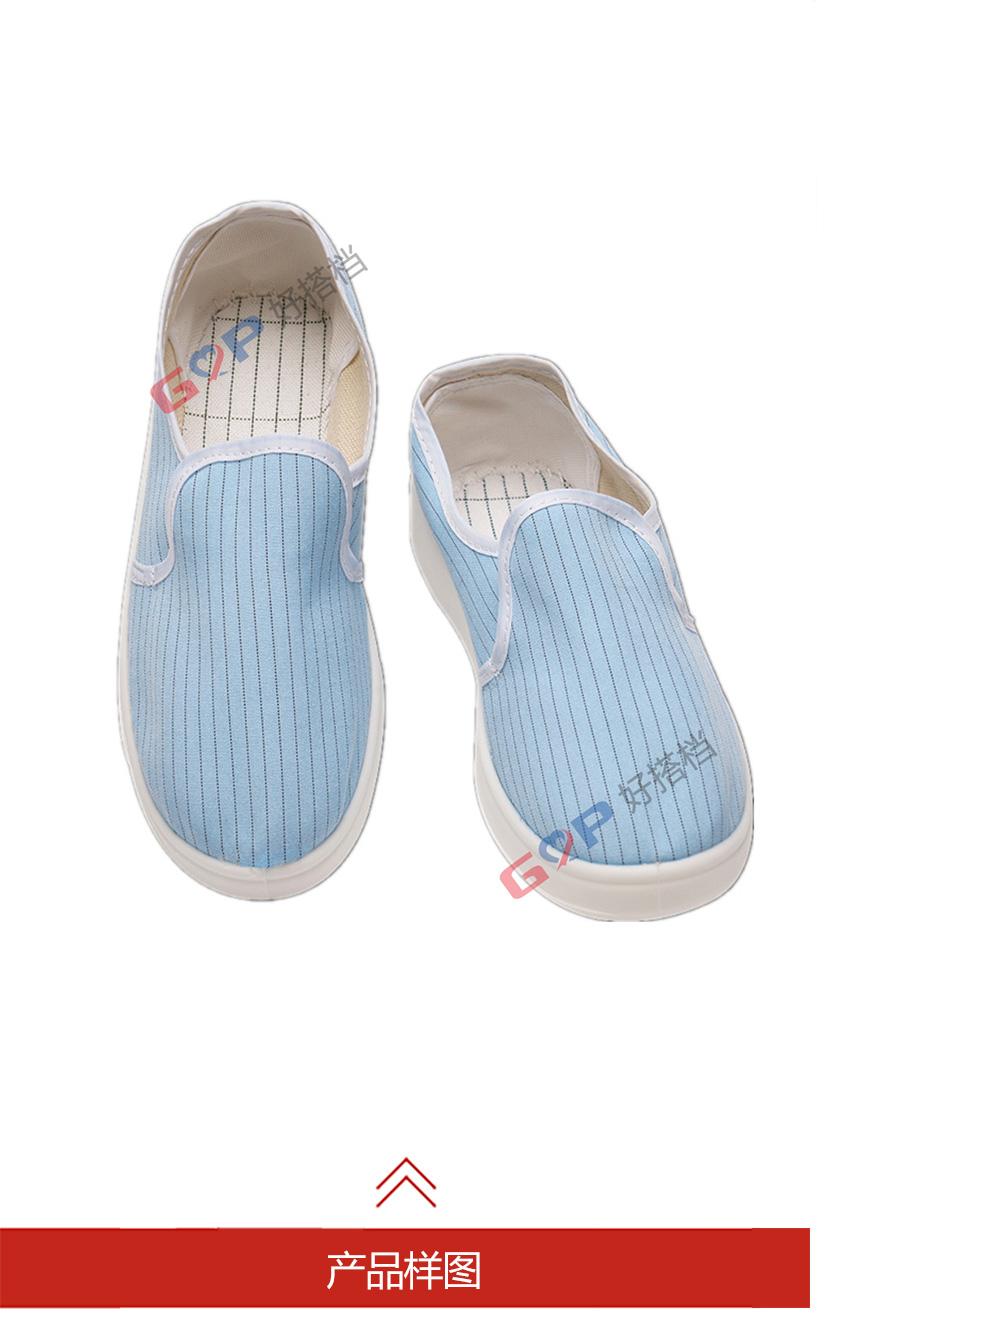 3-006B可灭菌满帮布鞋海蓝色